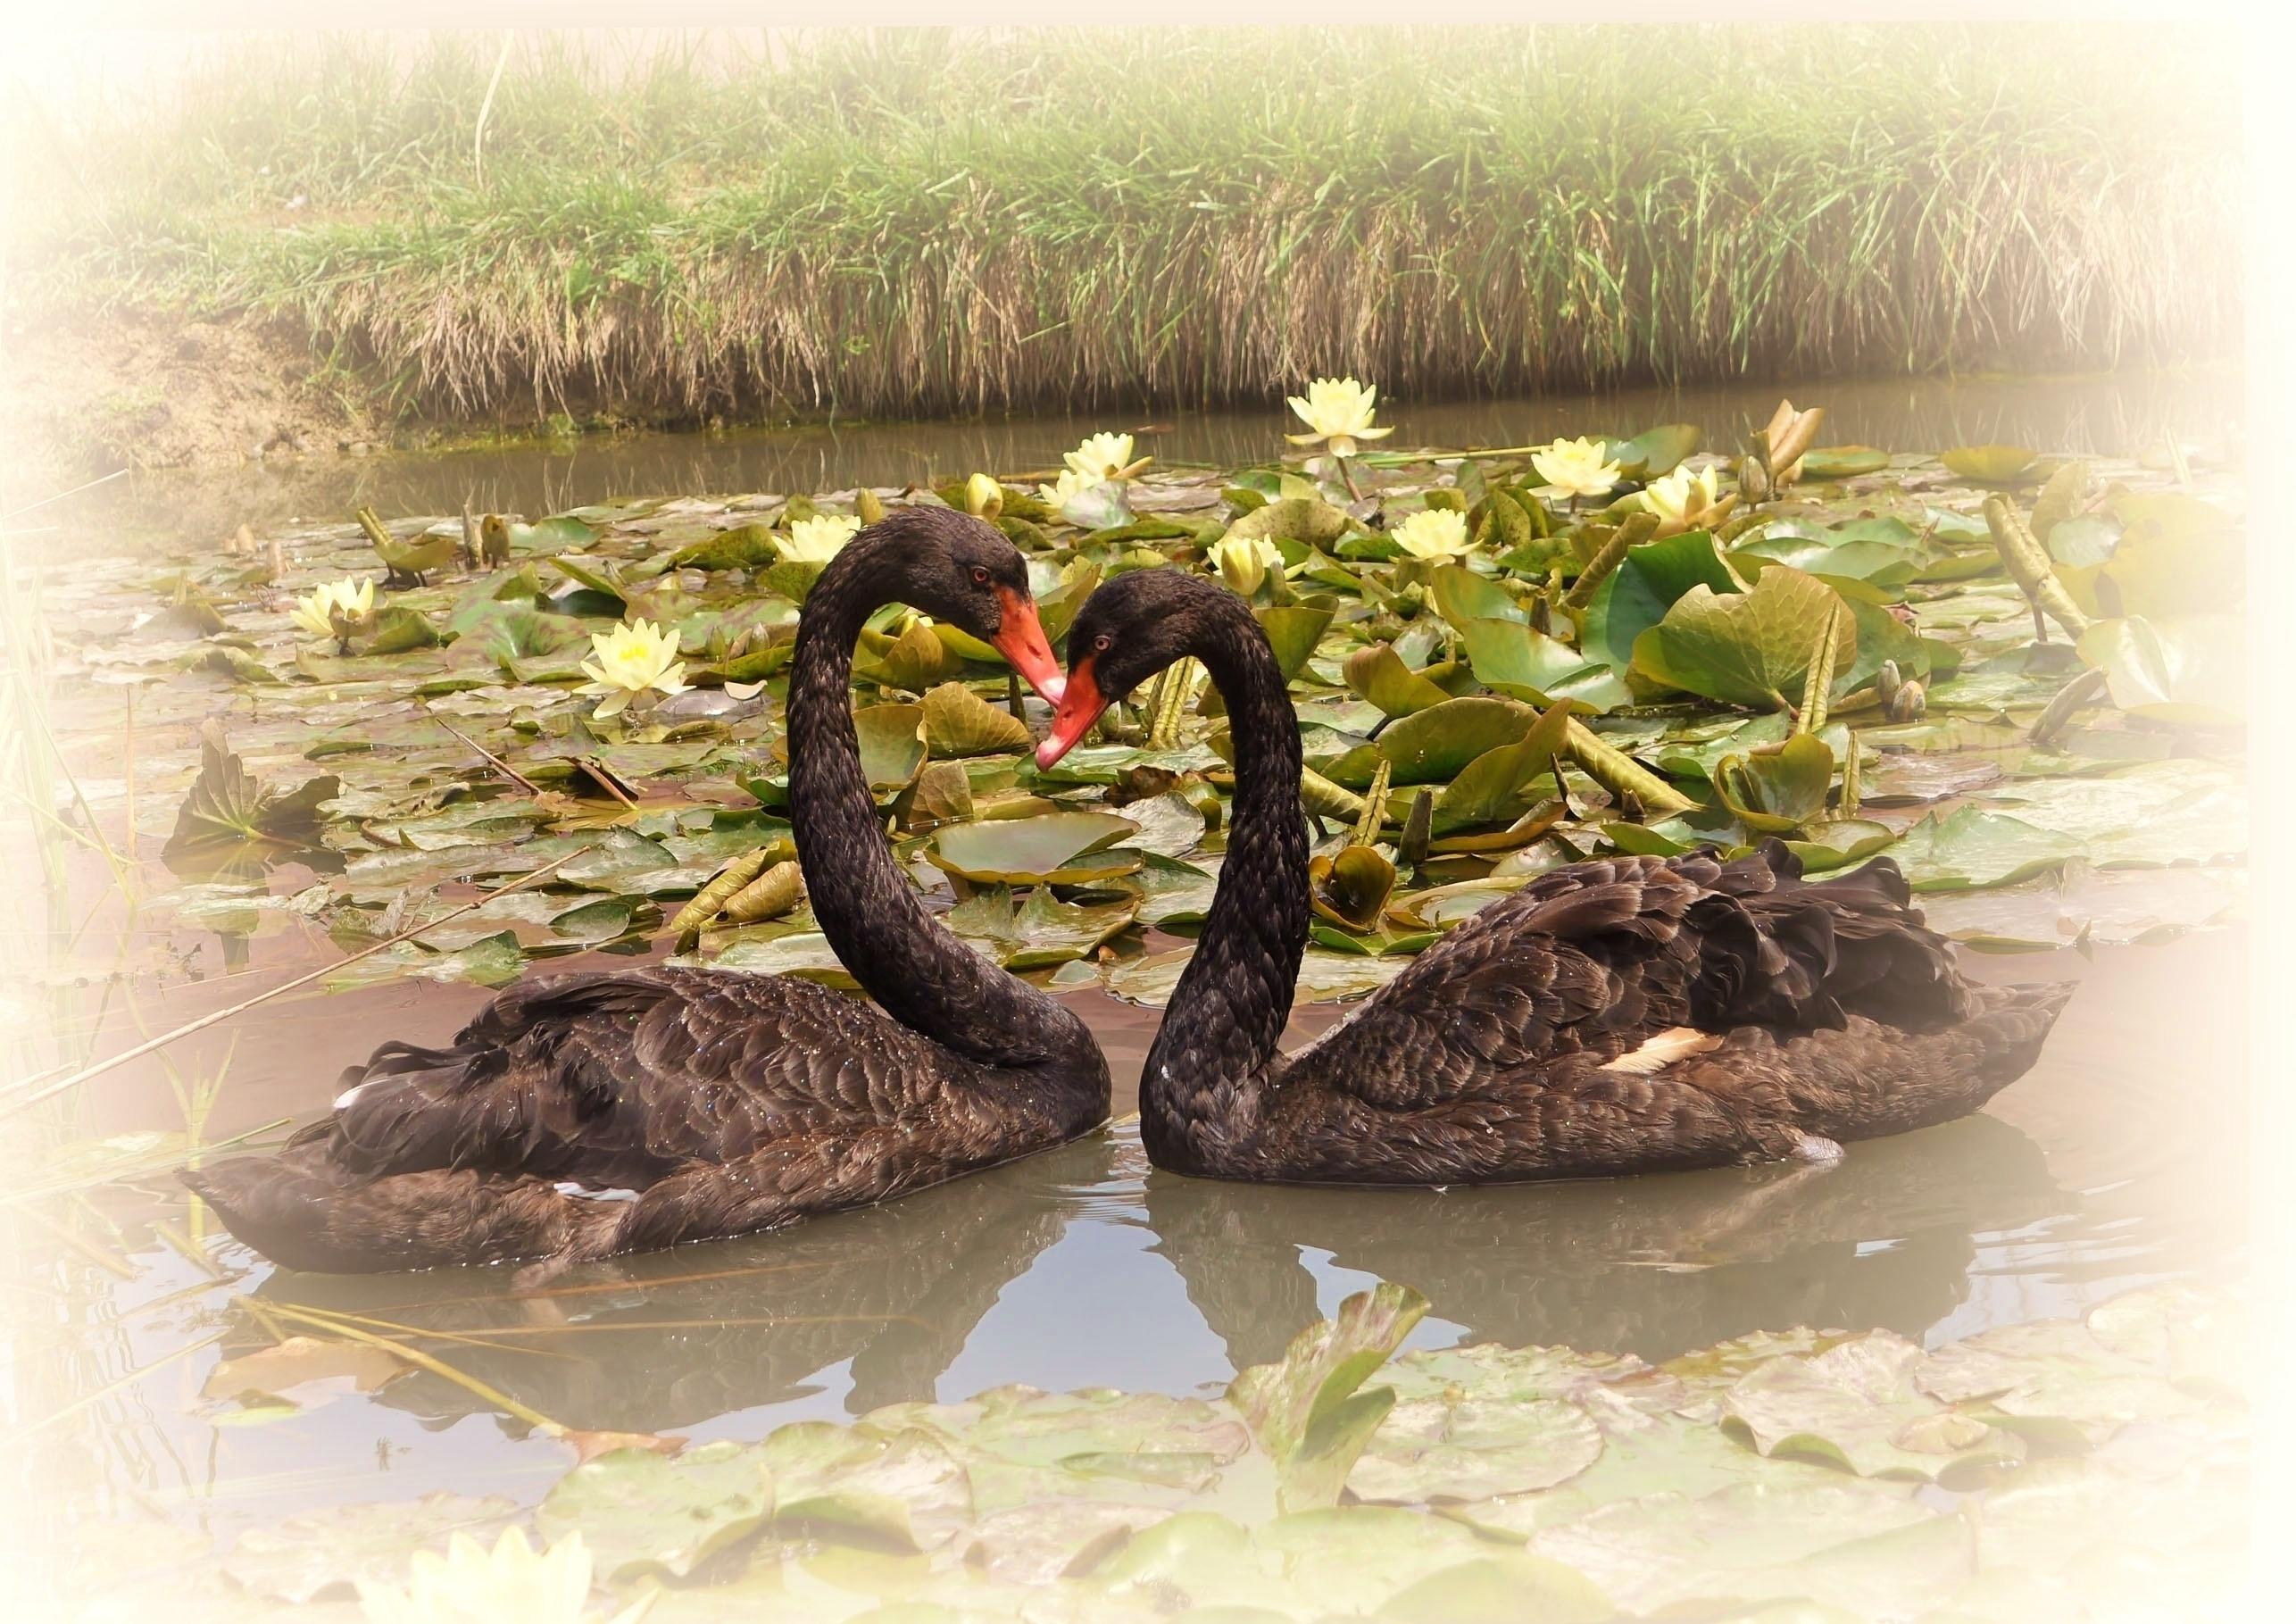 69275 Hintergrundbild herunterladen Tiere, Vögel, Swans, Seerosen, See, Paar, Treue - Bildschirmschoner und Bilder kostenlos